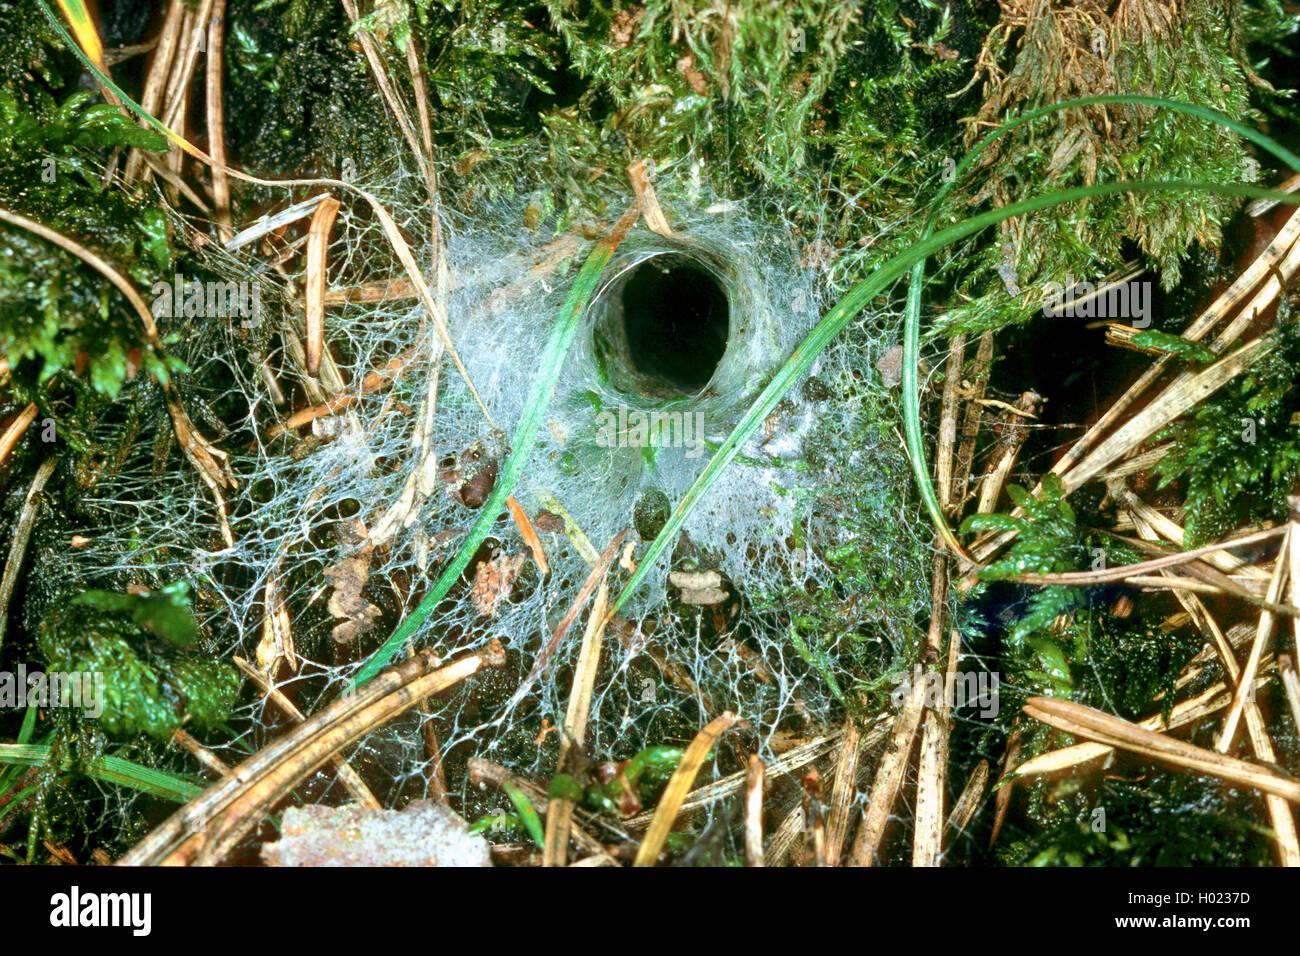 Erd-Finsterspinne, Erdfinsterspinne, Waldboden-Finsterspinne, Waldbodenfinsterspinne, Trichternetz-Spinne, Trichternetzspinne - Stock Image